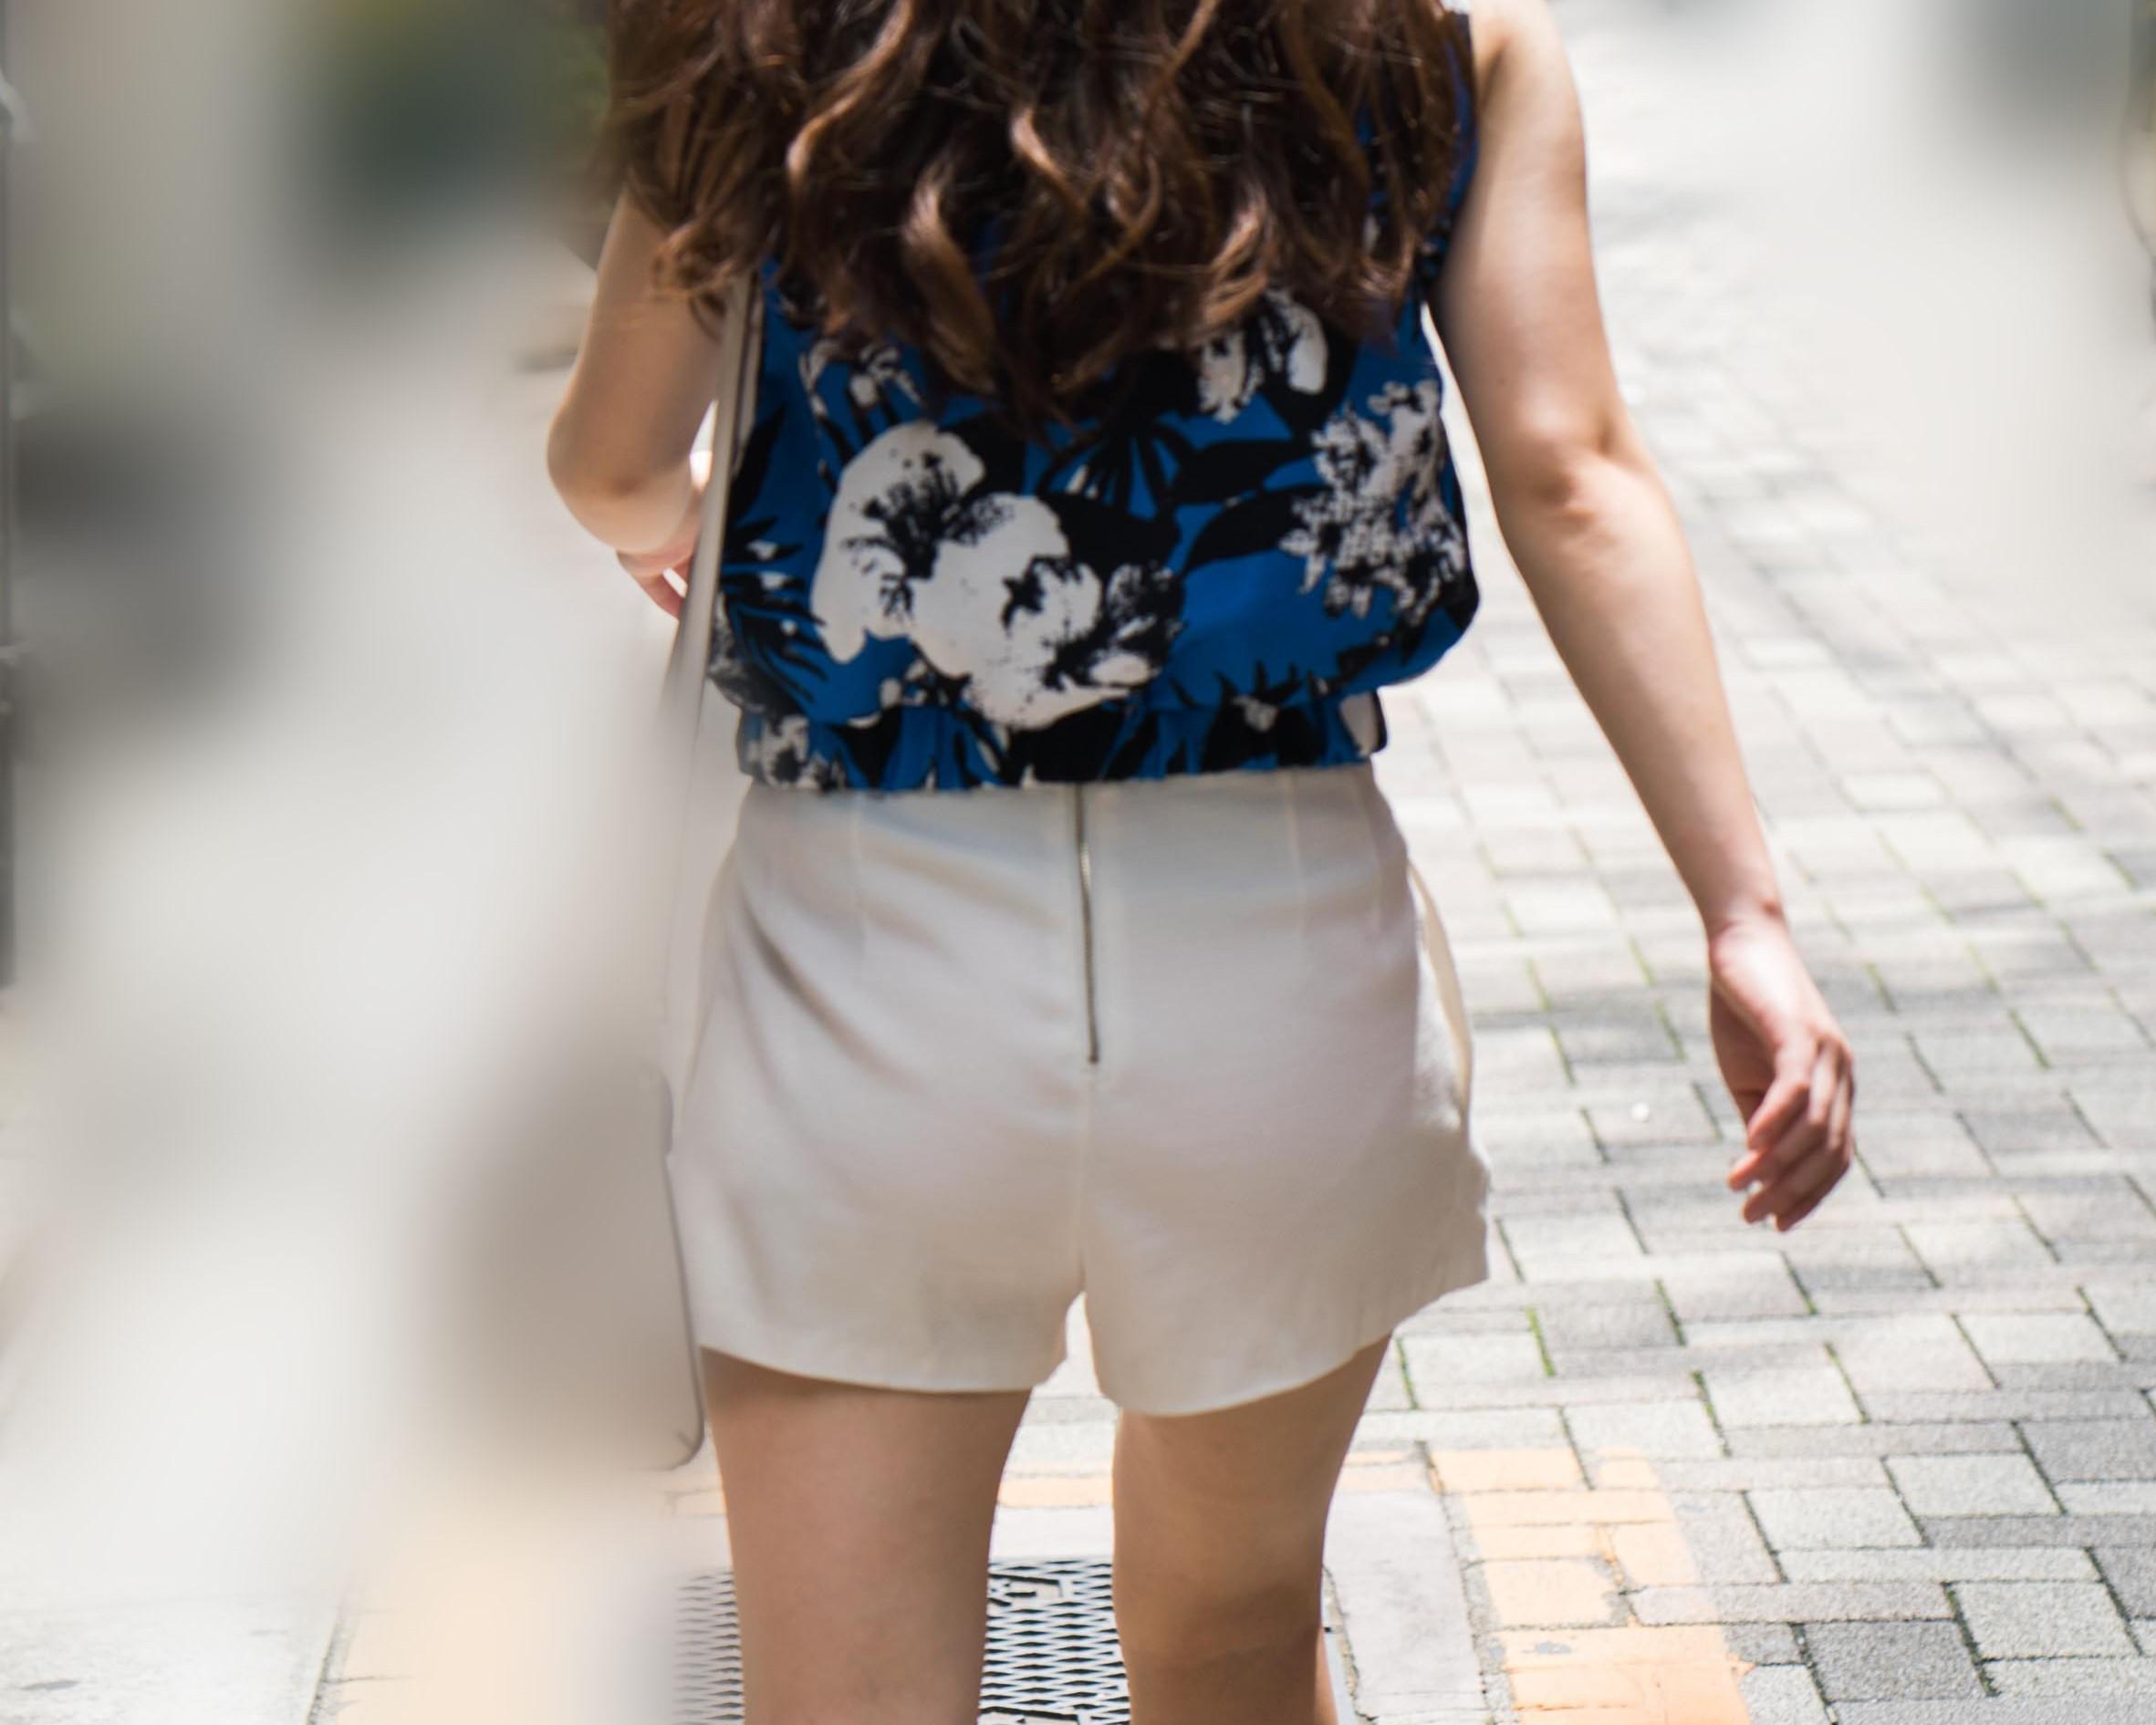 美尻の白いホットパンツでパンティーか薄っすら透けてるお姉さんだよ!